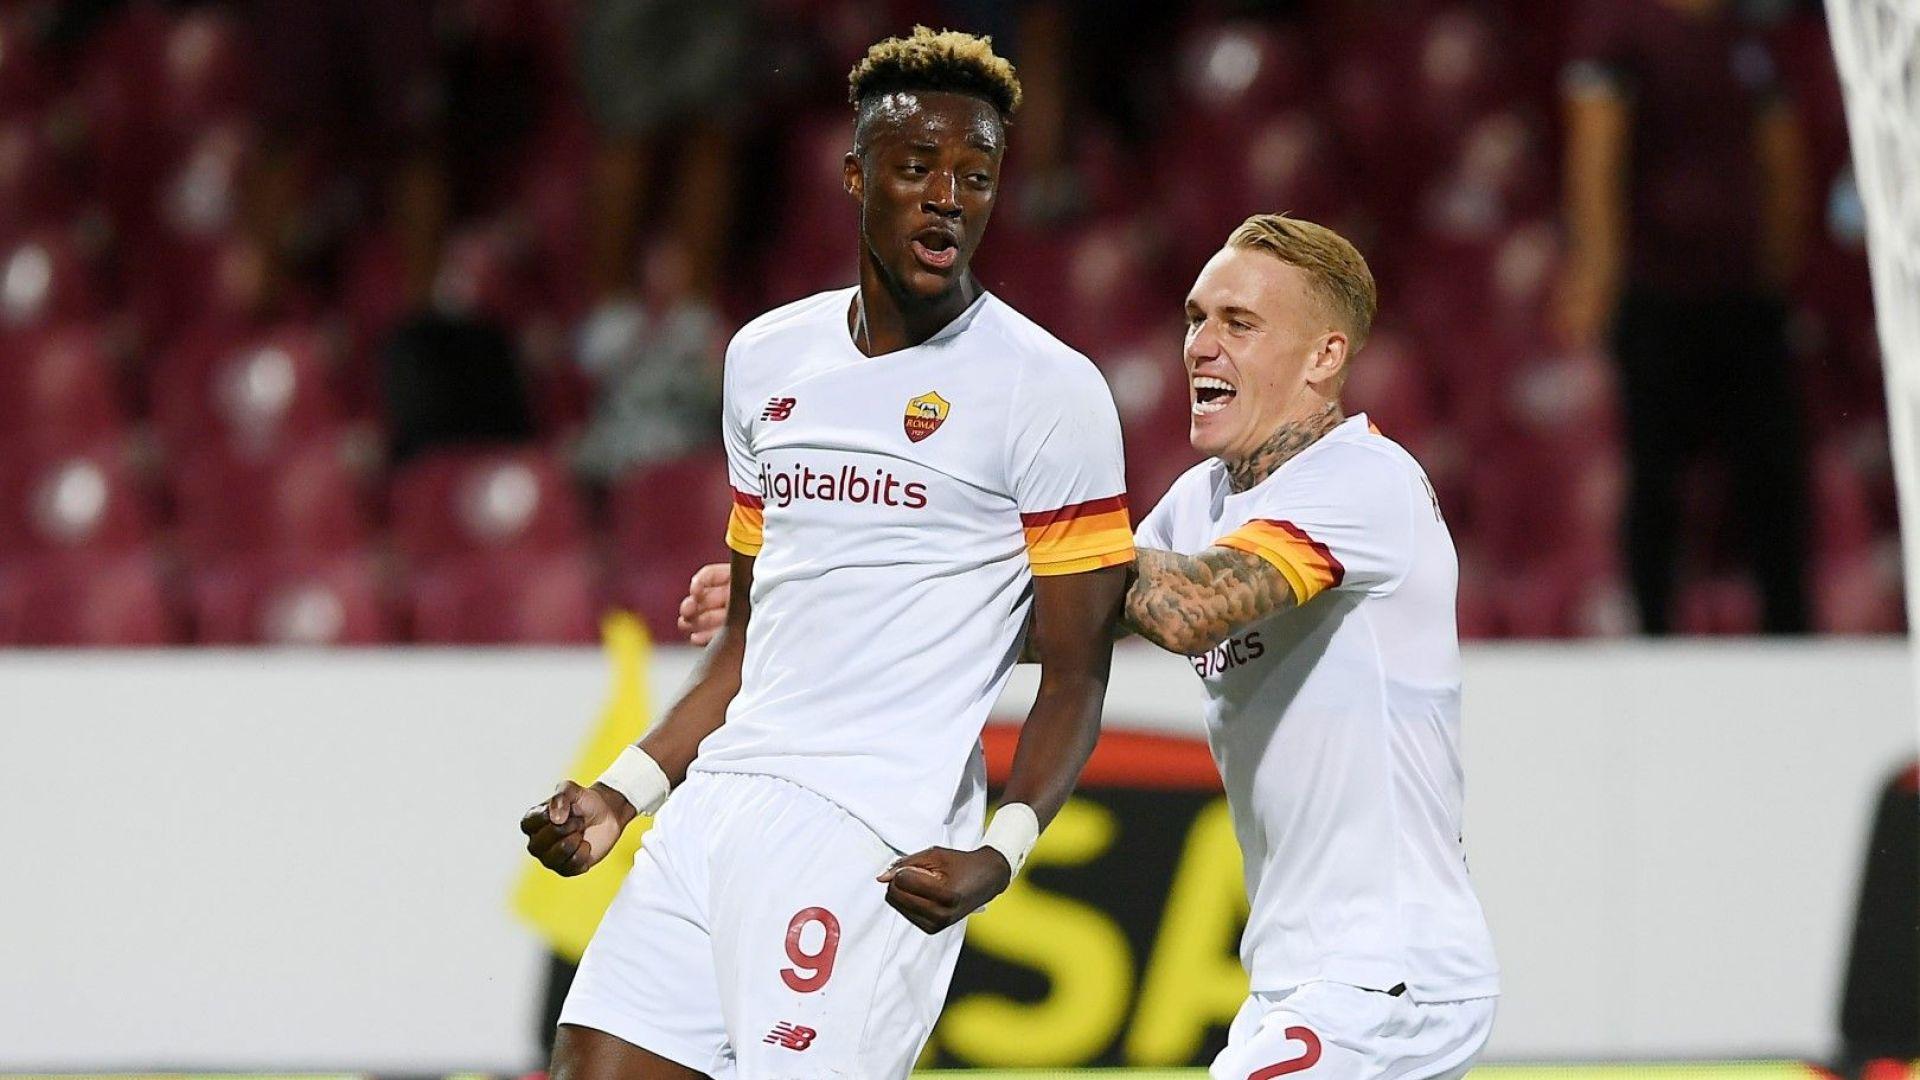 Гръмки победи за Милан и Рома, дори Моуриньо е доволен